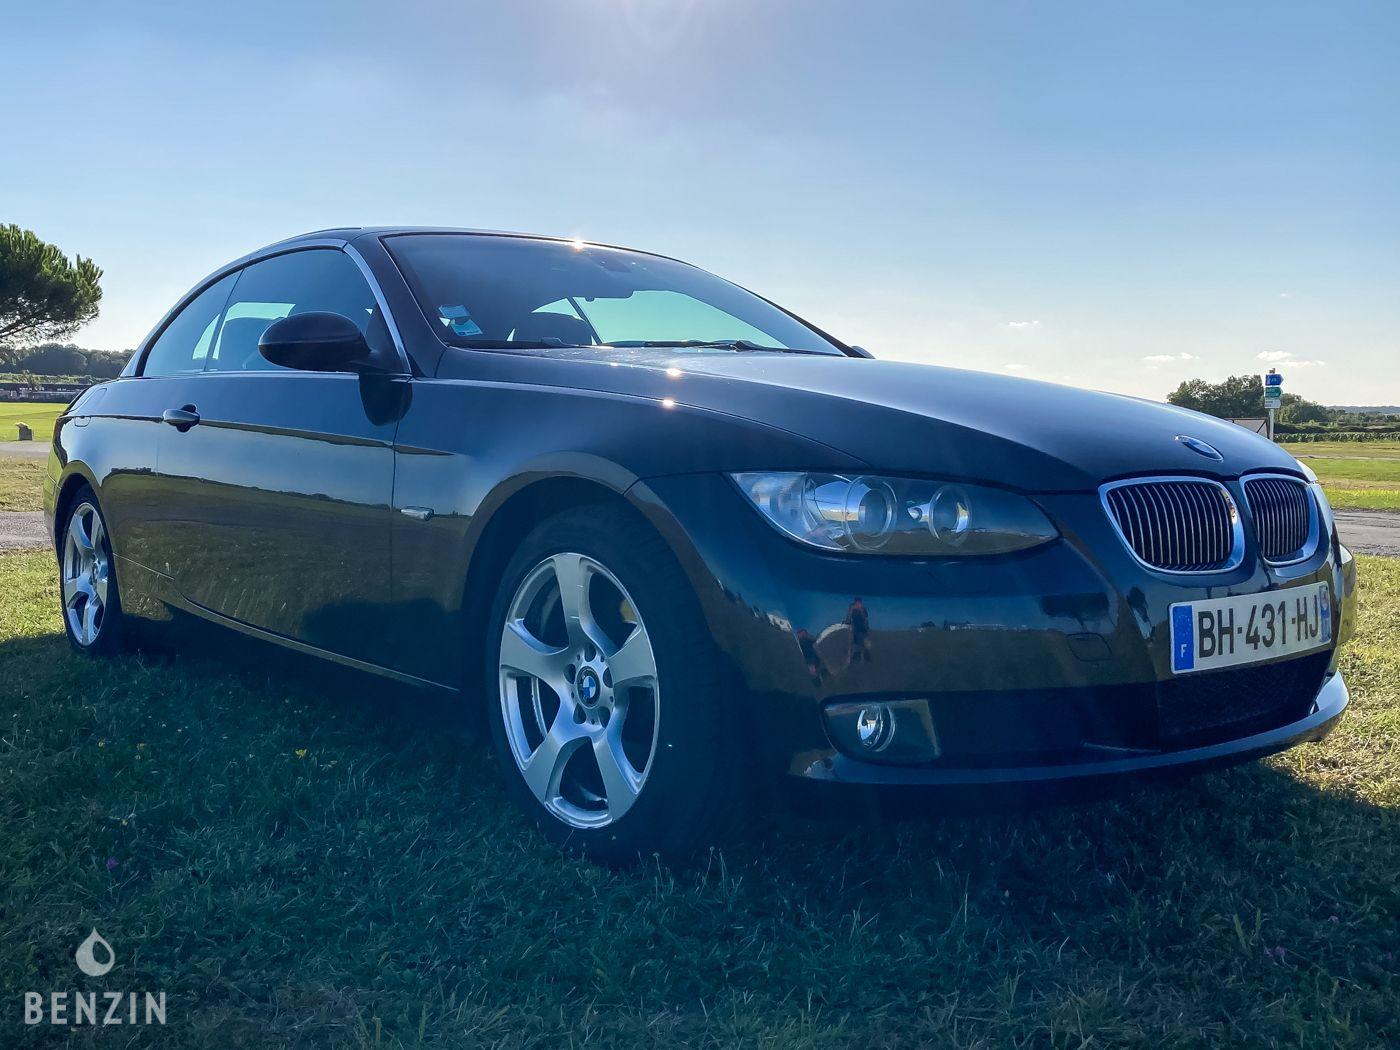 BMW 325i E93 2007 A VENDRE EN VENTE OCCASION FOR SALE EN VENTA EN VENDITA TE KOOP SU VERKAUFEN